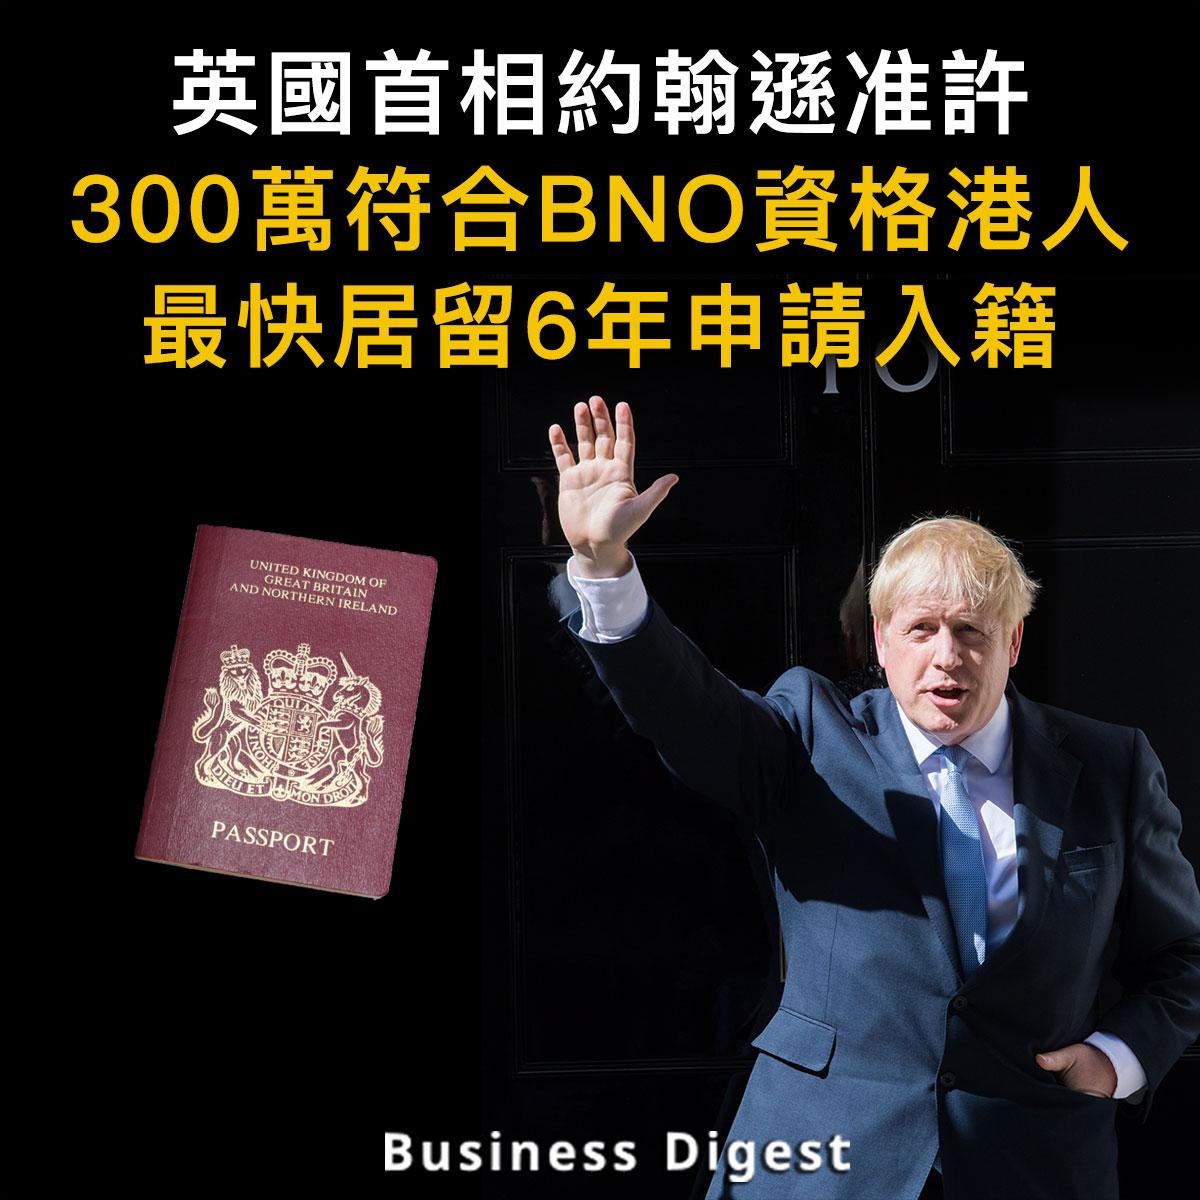 【商業熱話】英國首相約翰遜:准許300萬符合BNO資格港人最快居留6年申請入籍